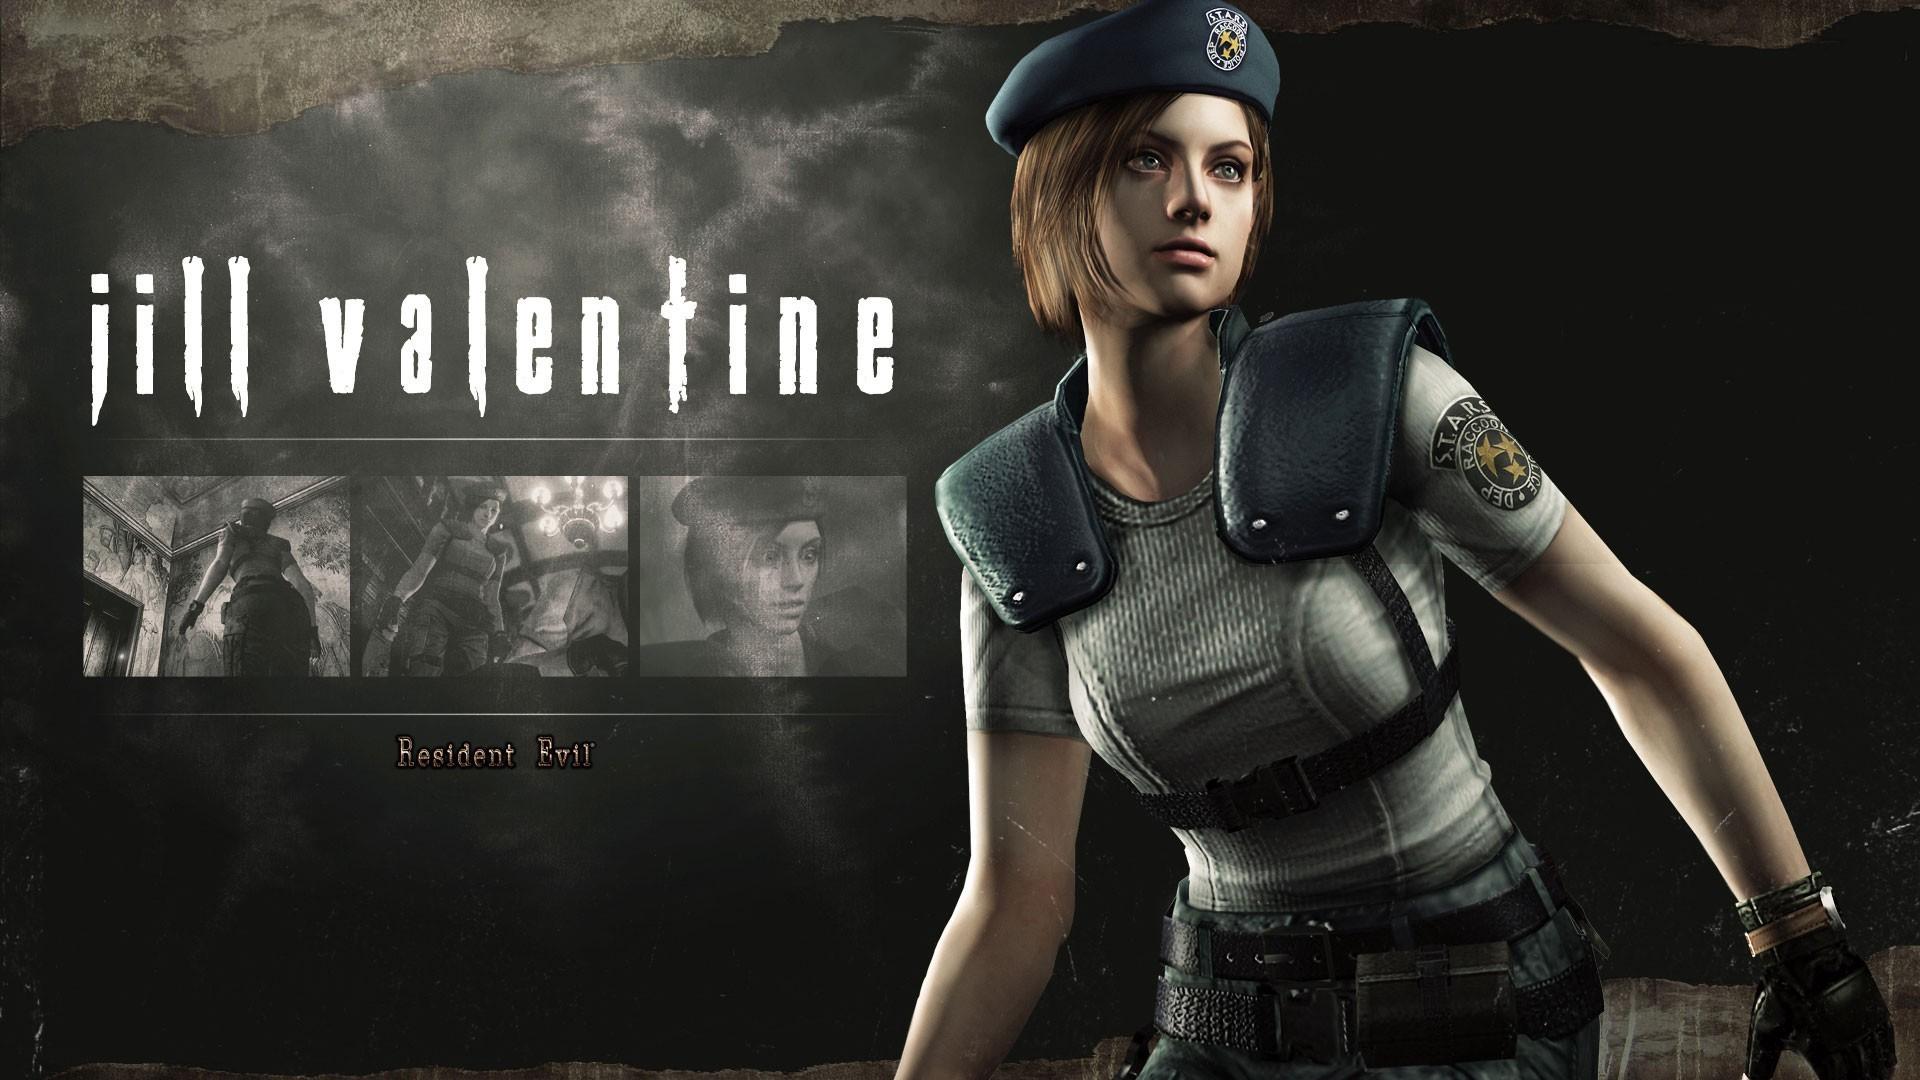 Resident Evil Jill Valentine Wallpaper Wallpapertag